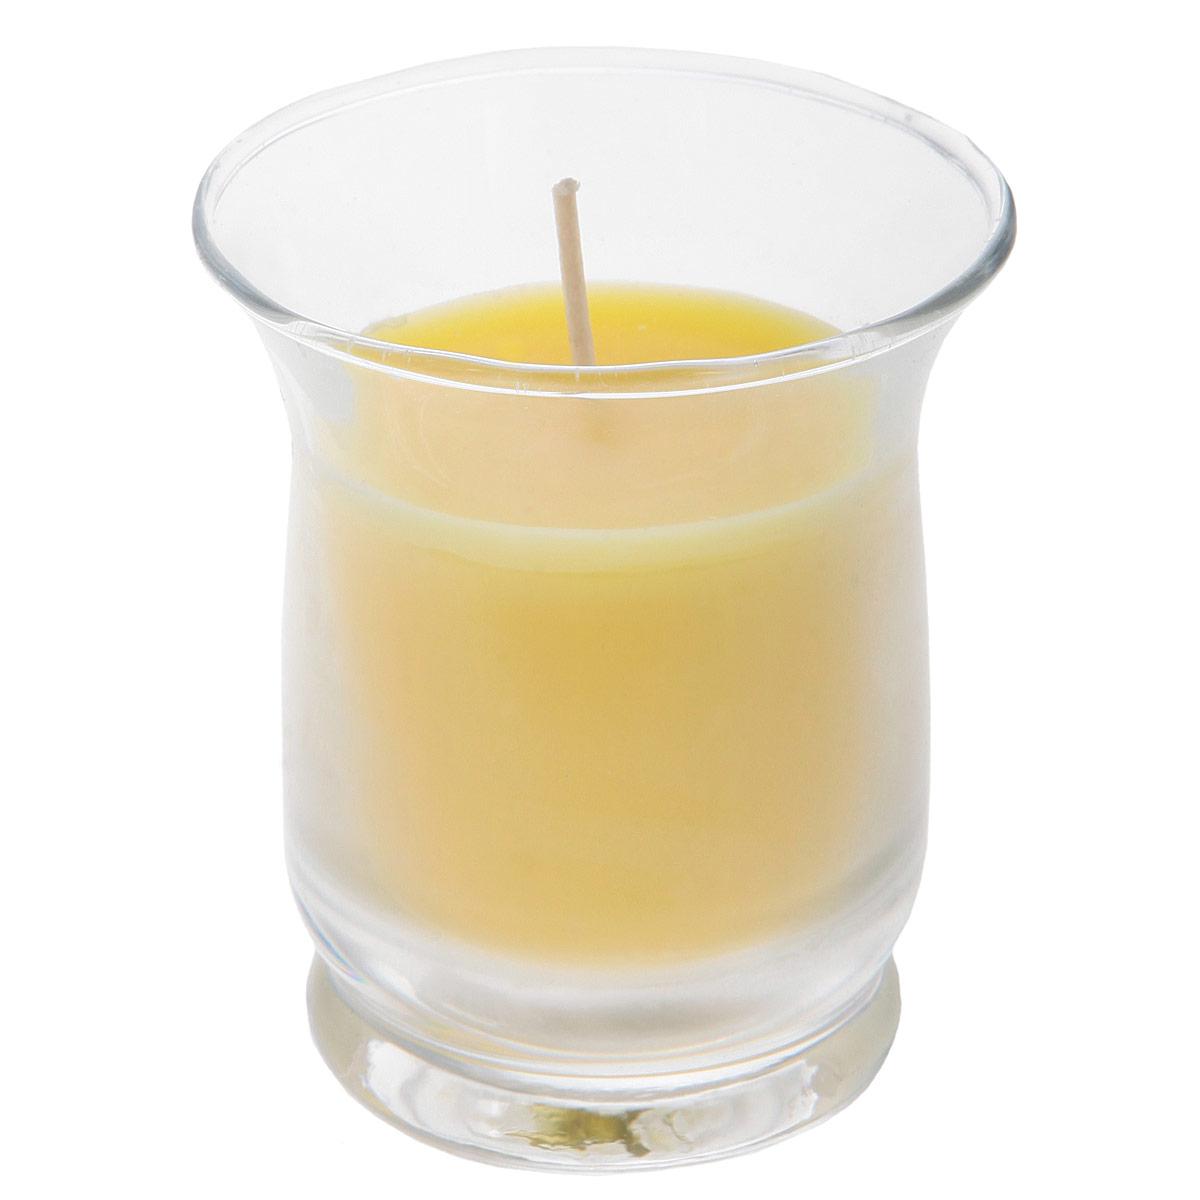 Свеча ароматизированная Sima-land Романтика, высота 7 см свеча ароматизированная sima land лимон на подставке высота 6 см